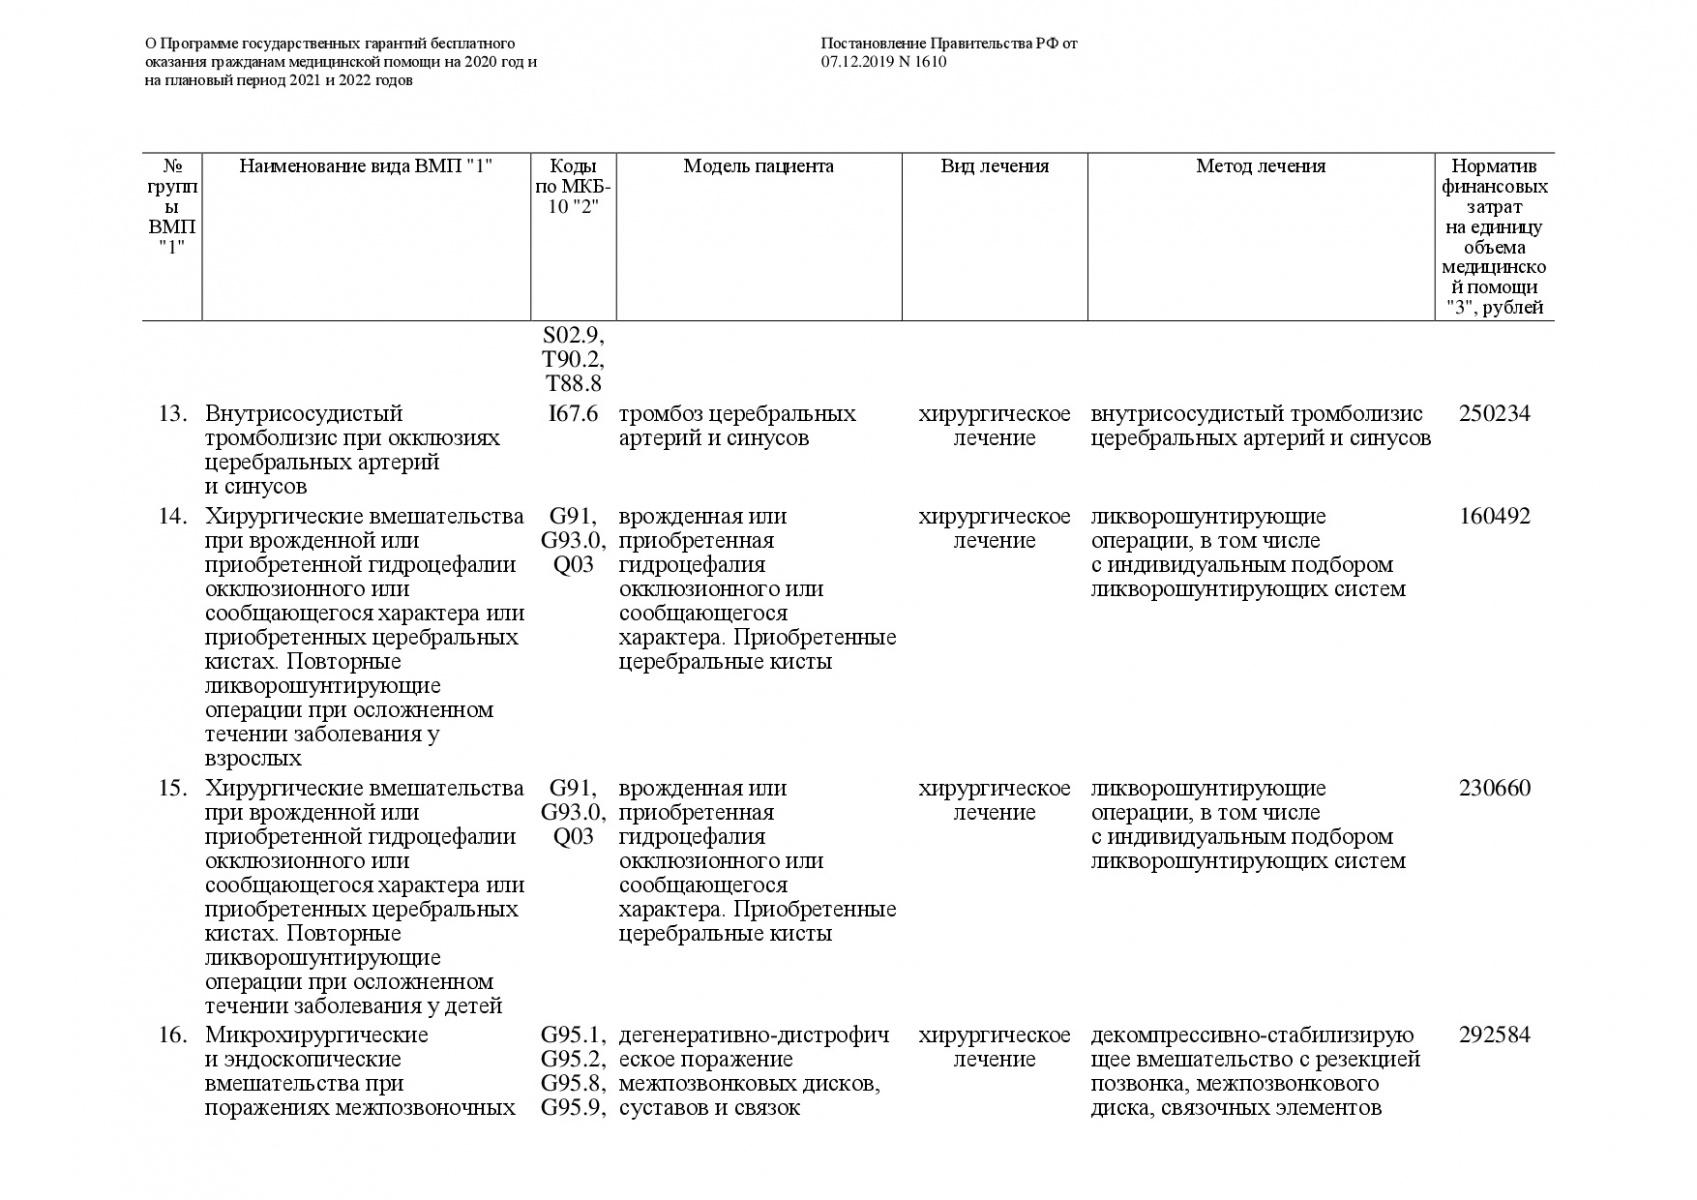 Postanovlenie-Pravitelstva-RF-ot-07_12_2019-1610-O-PGG-054